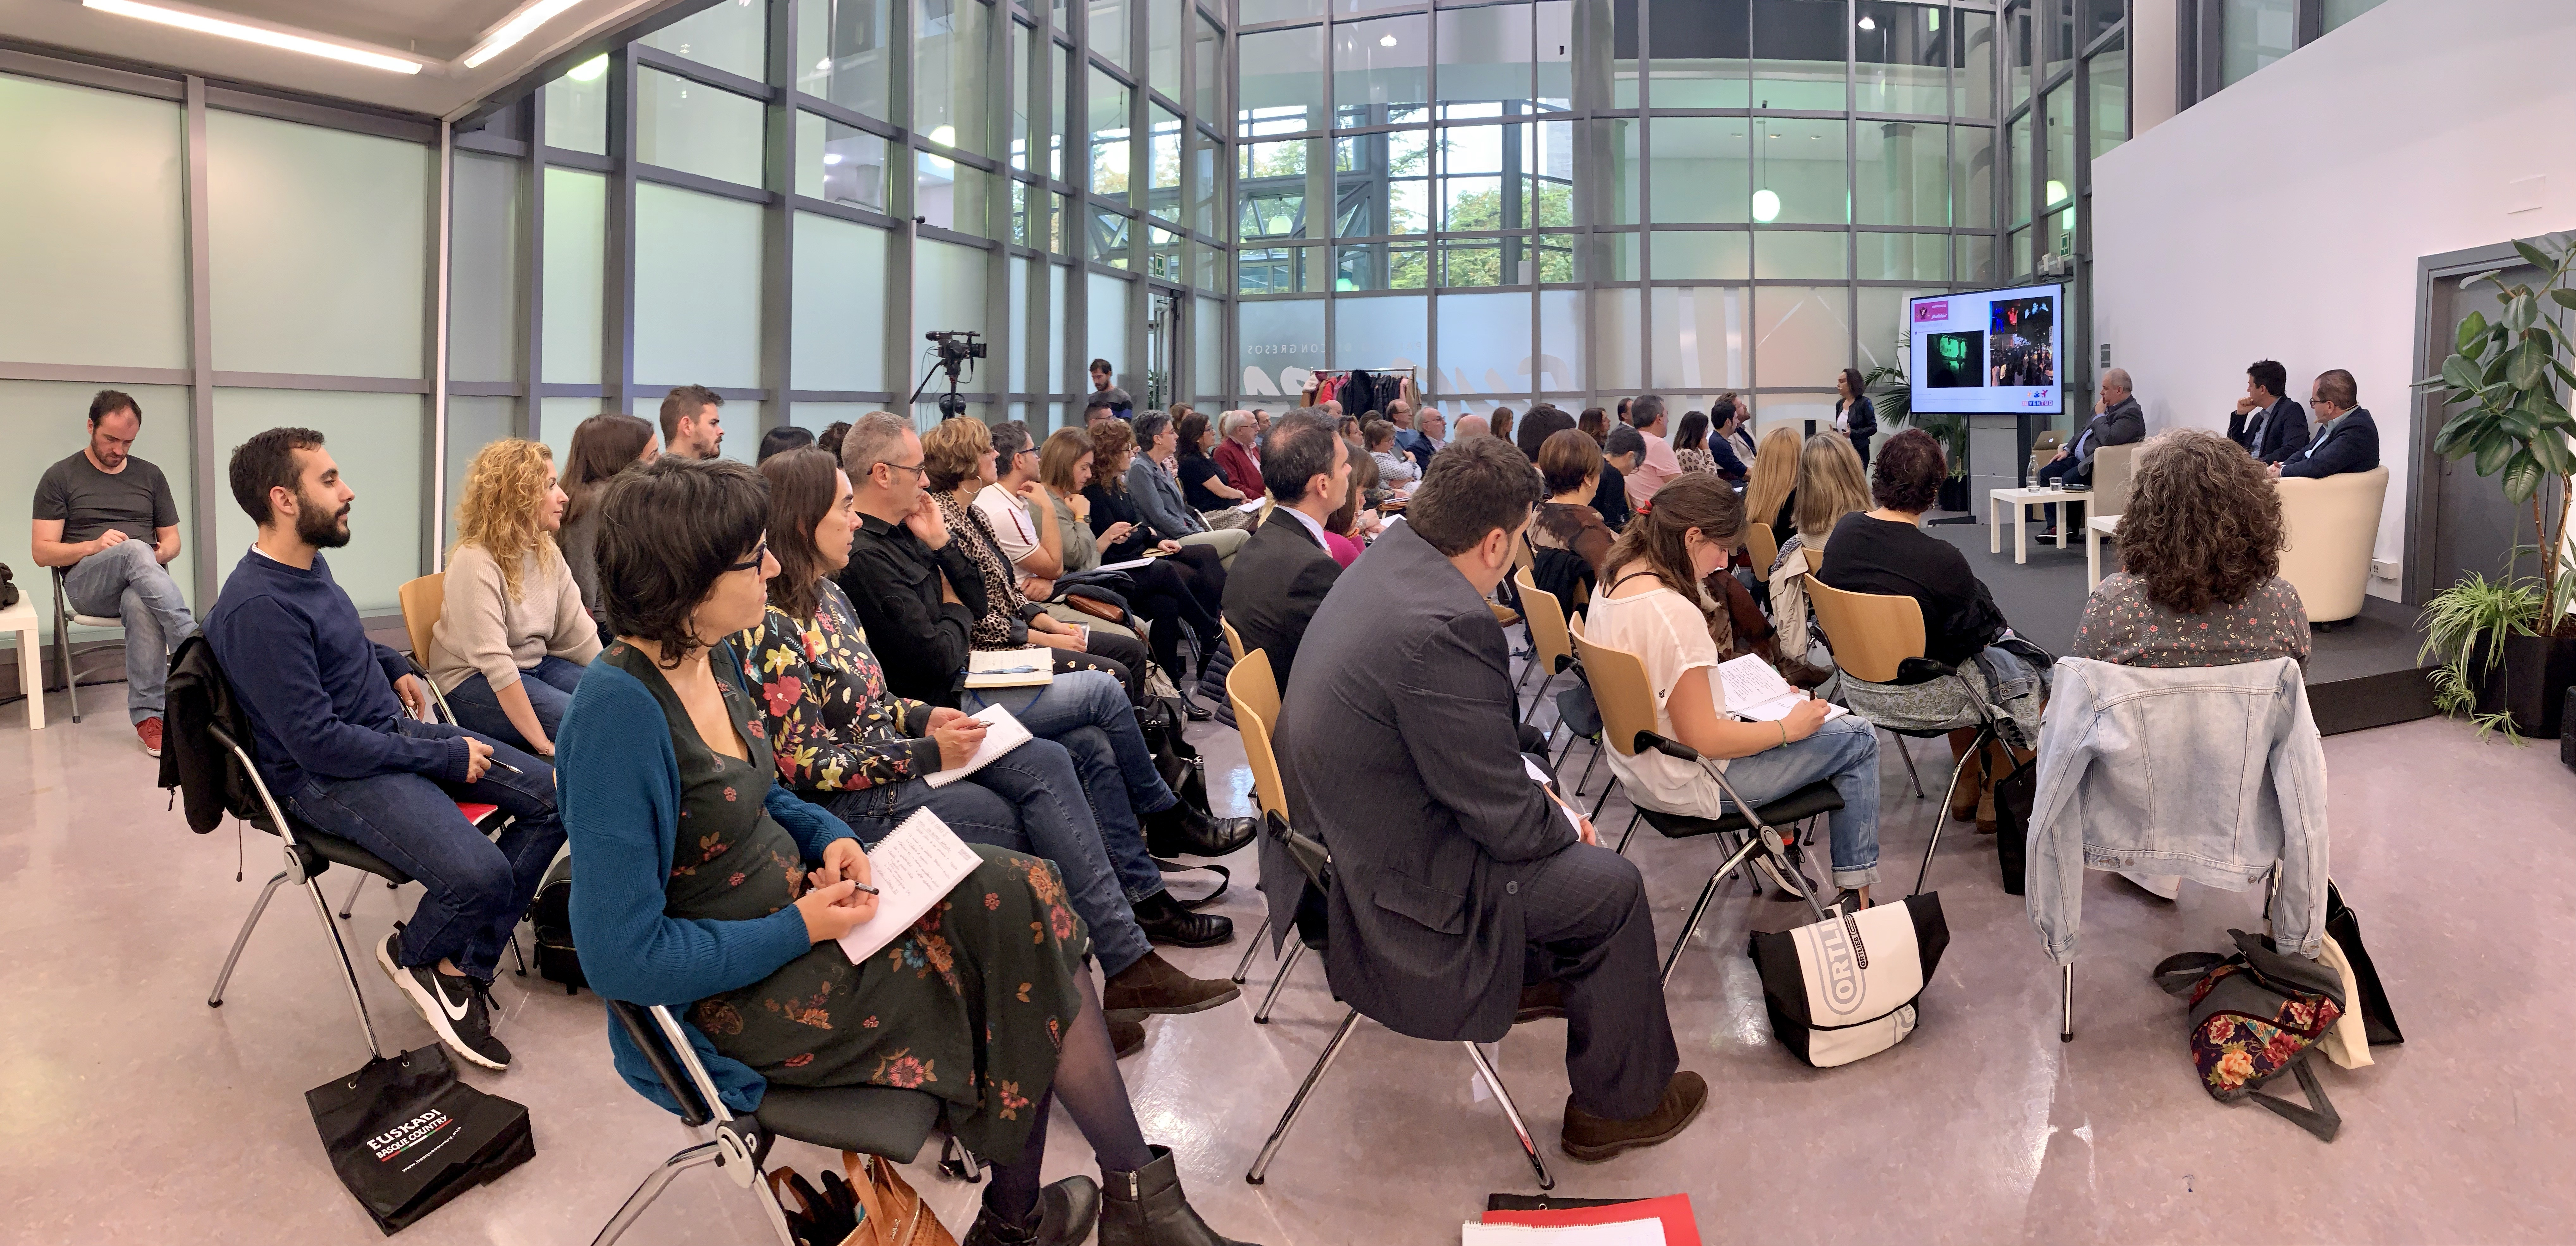 """La jornada """"Irekia Eraiki II"""" aborda las claves del Gobierno Abierto en el ámbito de la participación ciudadana entre las administraciones y la juventud"""